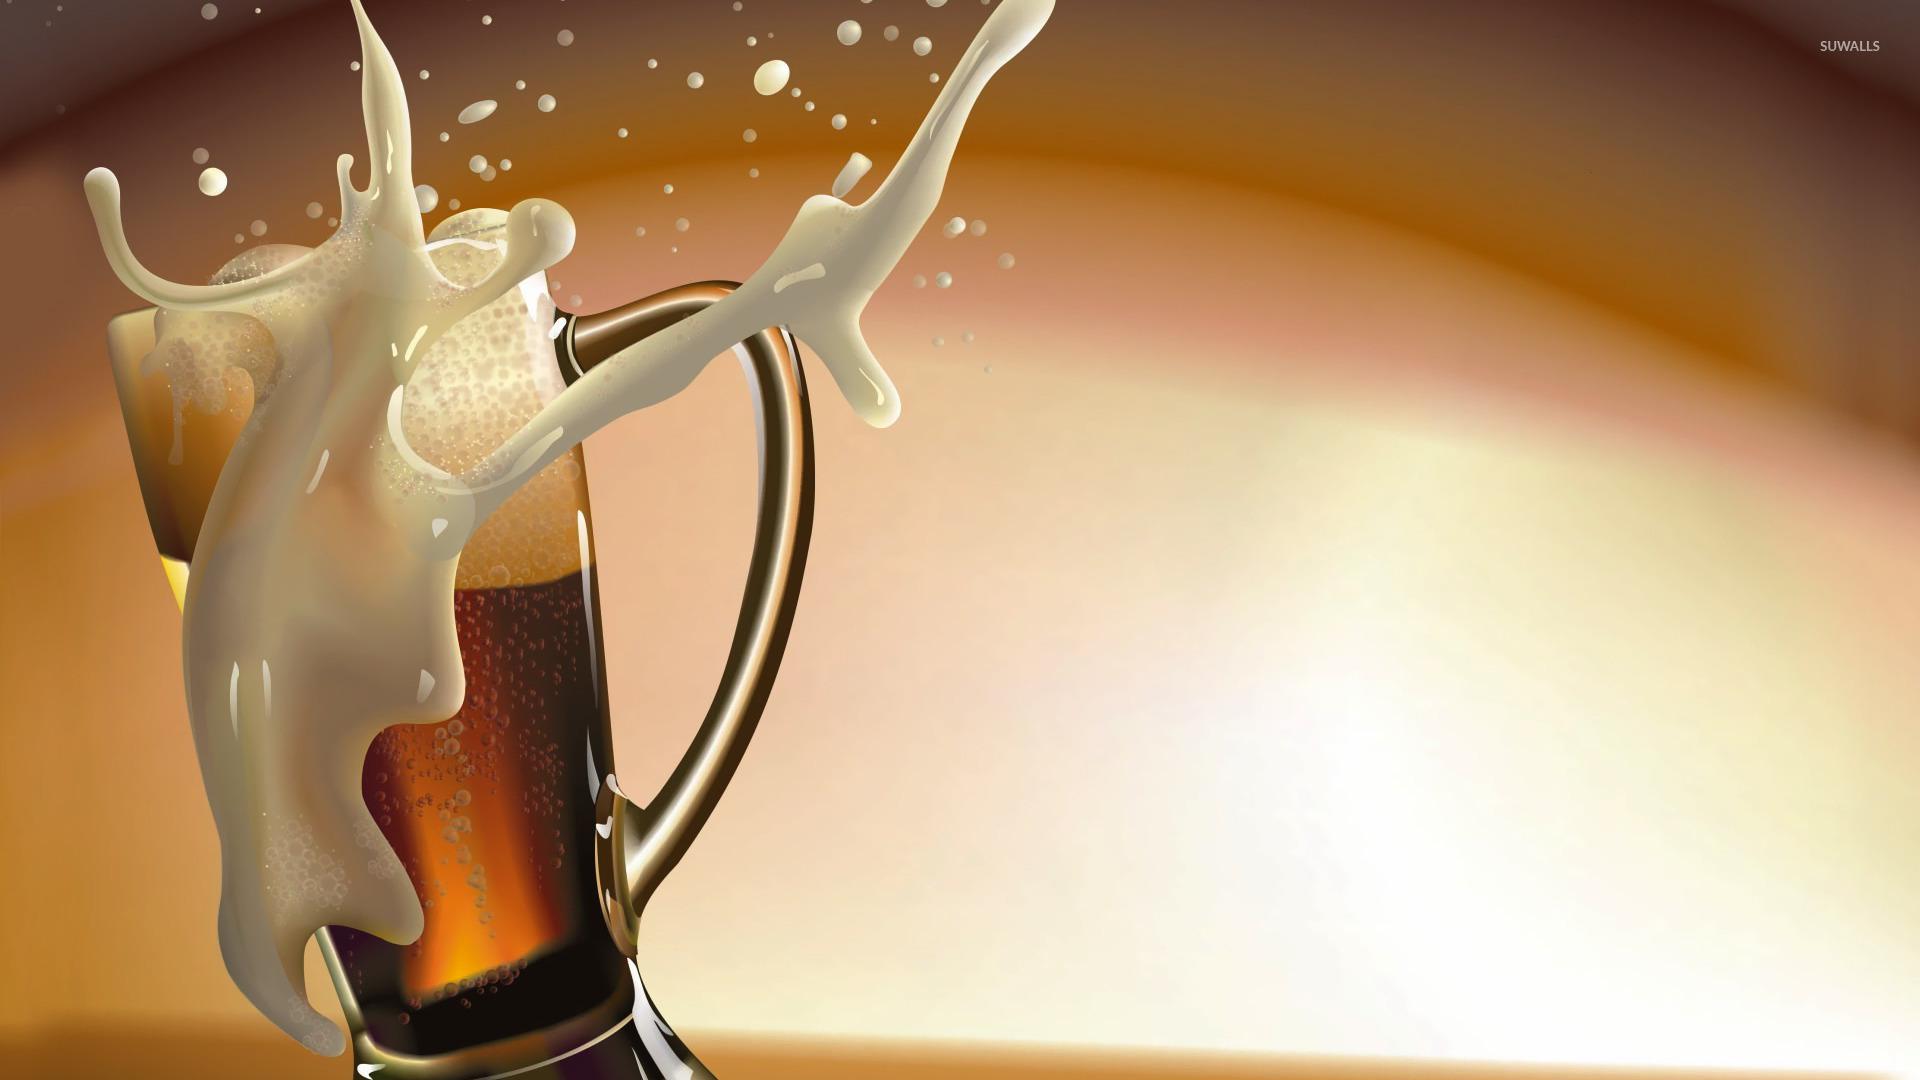 Beer Wallpaper hd Beer hd Food And Drink 1920x1080